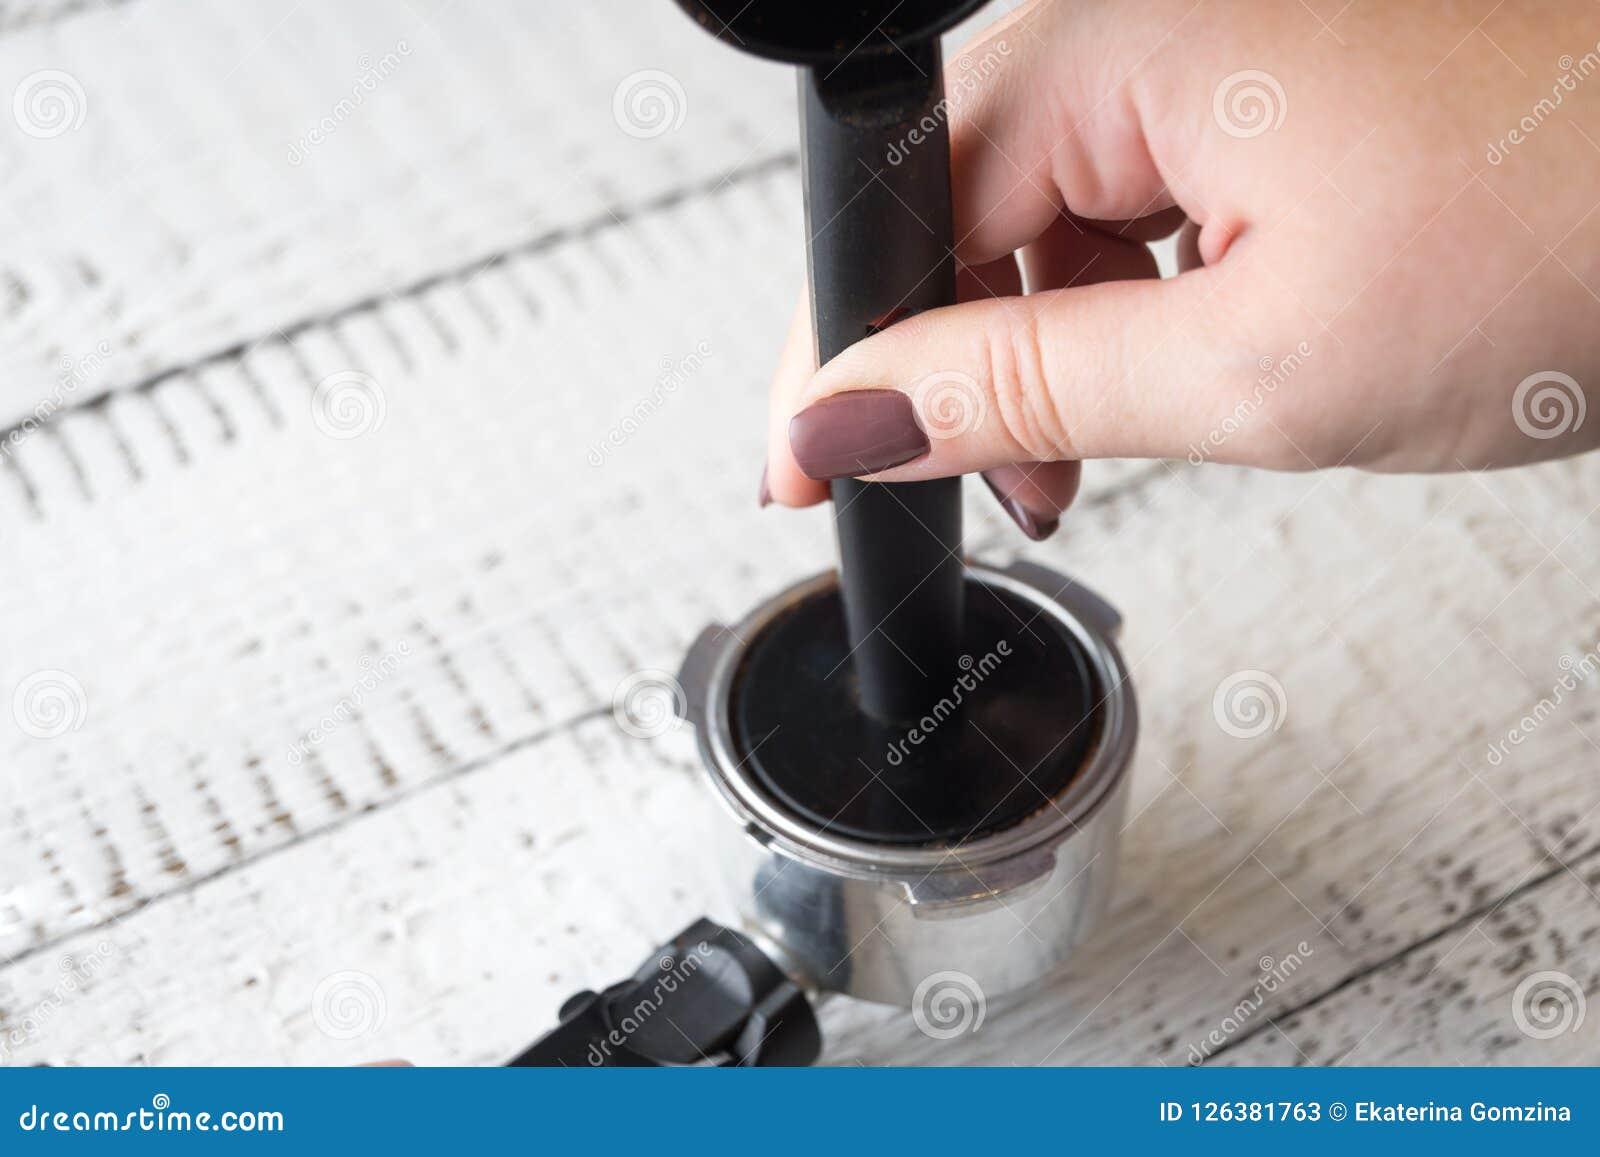 Frau, die grinded Kaffee in einem Gruppenanführer einer Kaffeemaschine bedrängt, um einen Morgenespresso zu machen Frühstück und